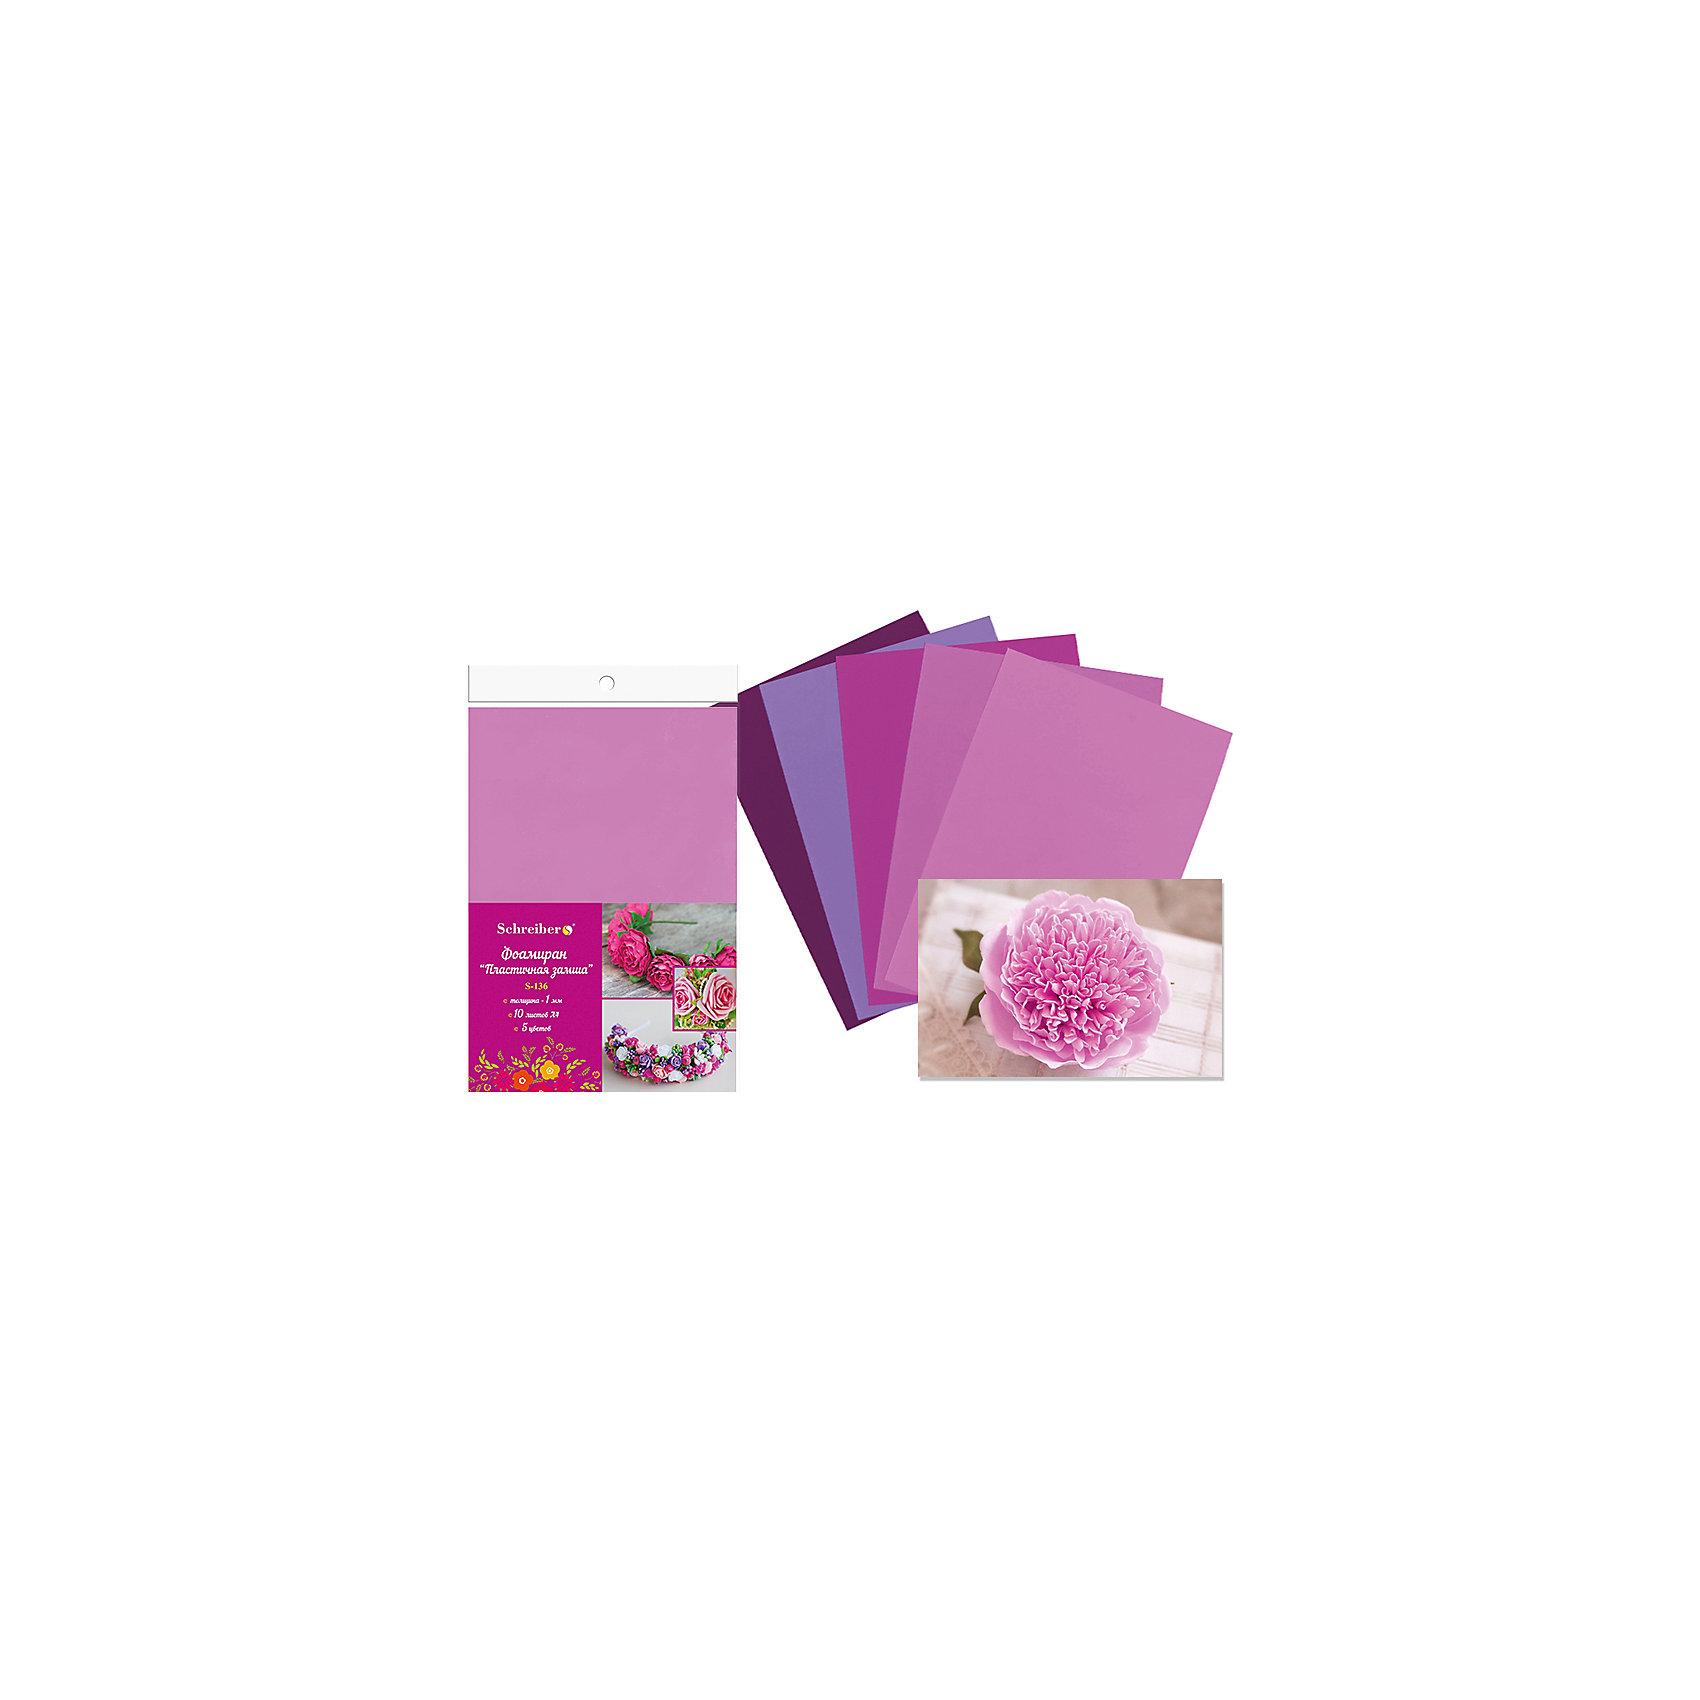 Набор фоамирана, 10листов, 1мм, А4, 5 цветов в ассортименте, сиреневая палитраПринадлежности для творчества<br>Набор фоамирана, 10листов, 1мм, А4, 5 цветов в ассортименте, СИРЕНЕВАЯ палитра<br><br>Ширина мм: 330<br>Глубина мм: 8<br>Высота мм: 210<br>Вес г: 68<br>Возраст от месяцев: 72<br>Возраст до месяцев: 2147483647<br>Пол: Унисекс<br>Возраст: Детский<br>SKU: 5504488